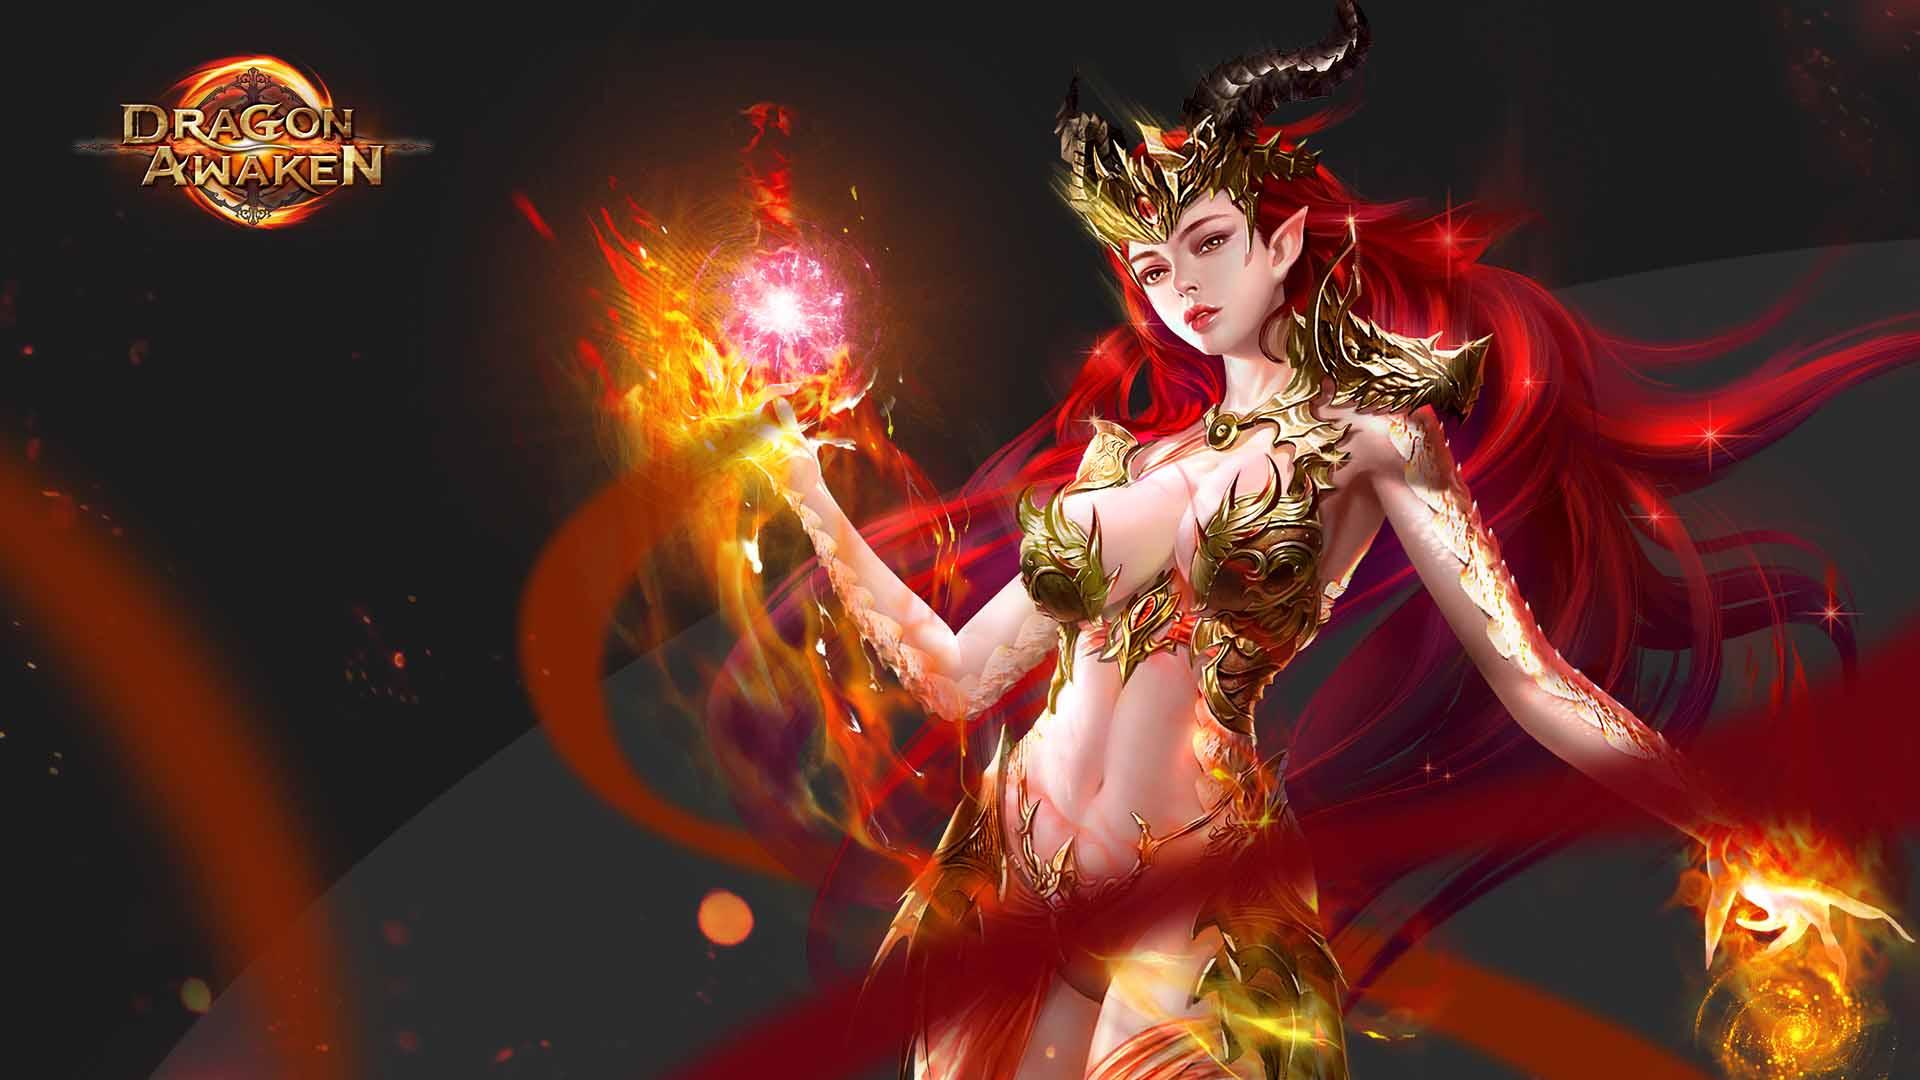 Best 3d Games Wallpapers Dragon Awaken Screenshots